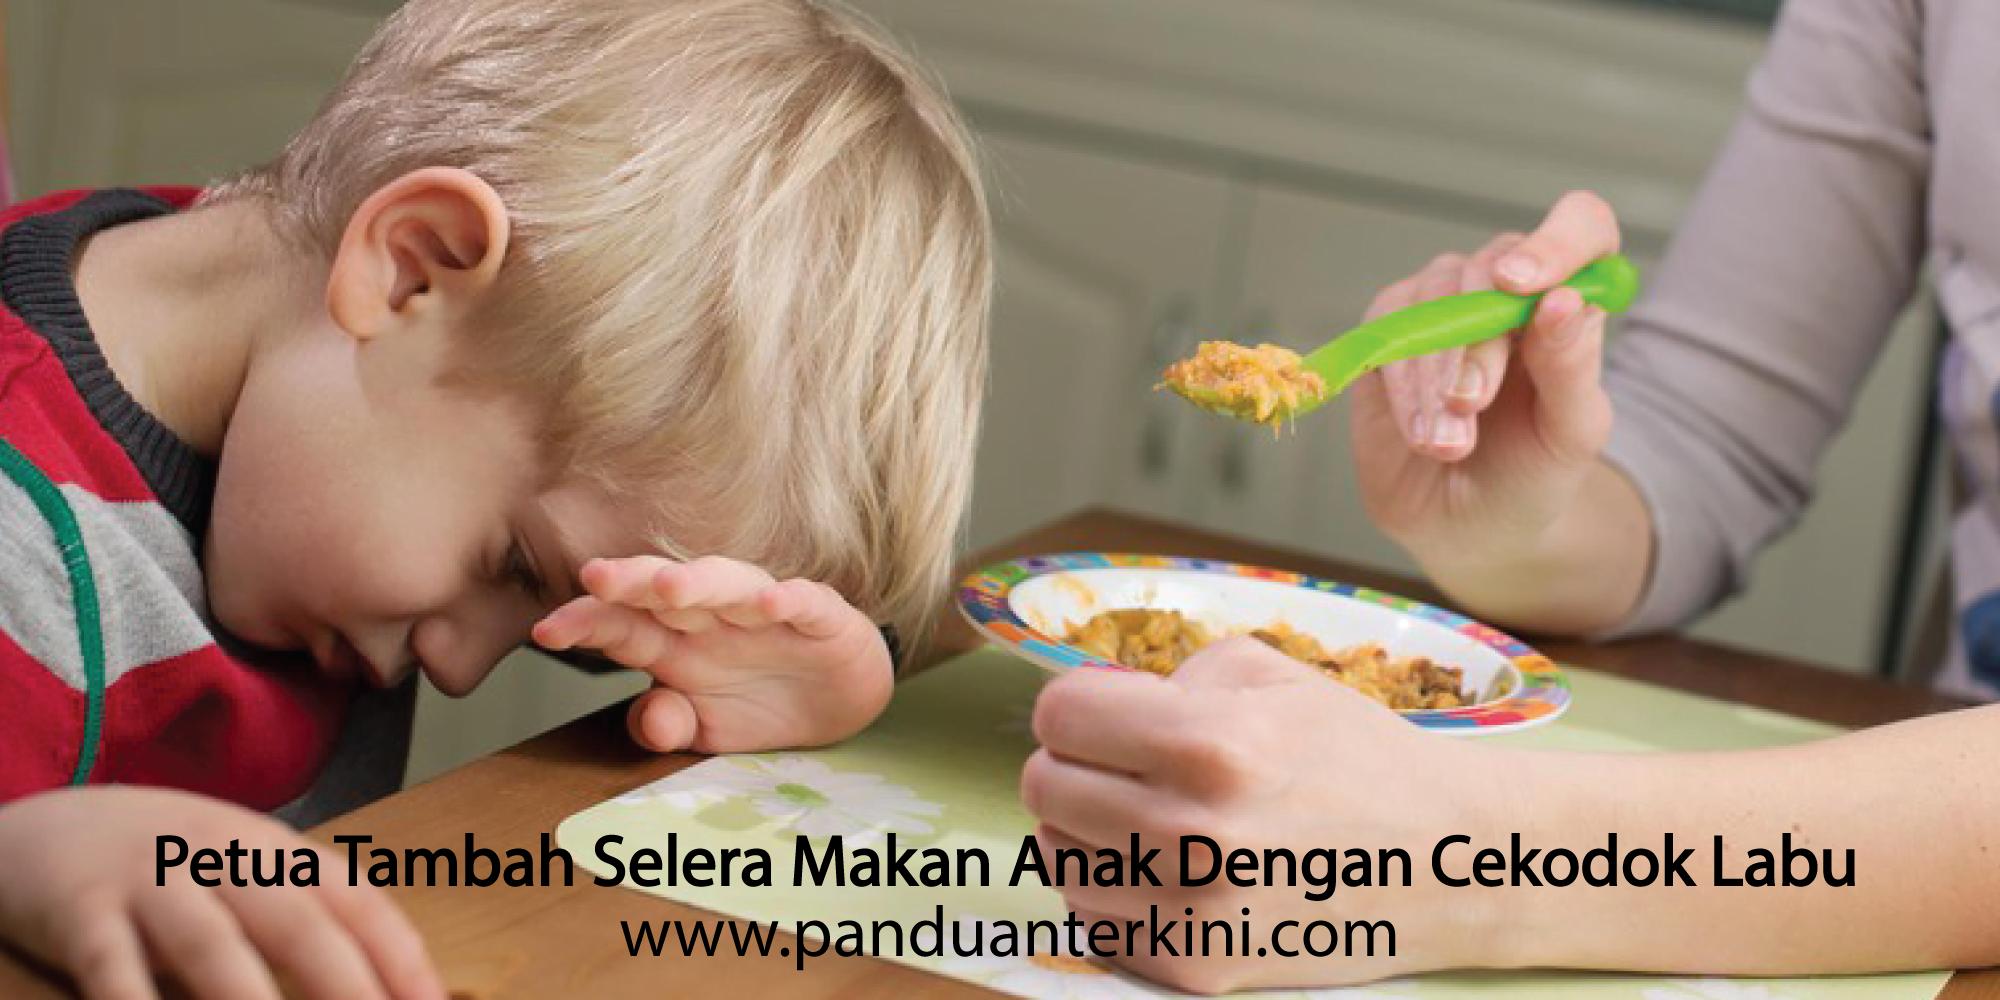 Petua Tambah Selera Makan Anak Dengan Cekodok Labu